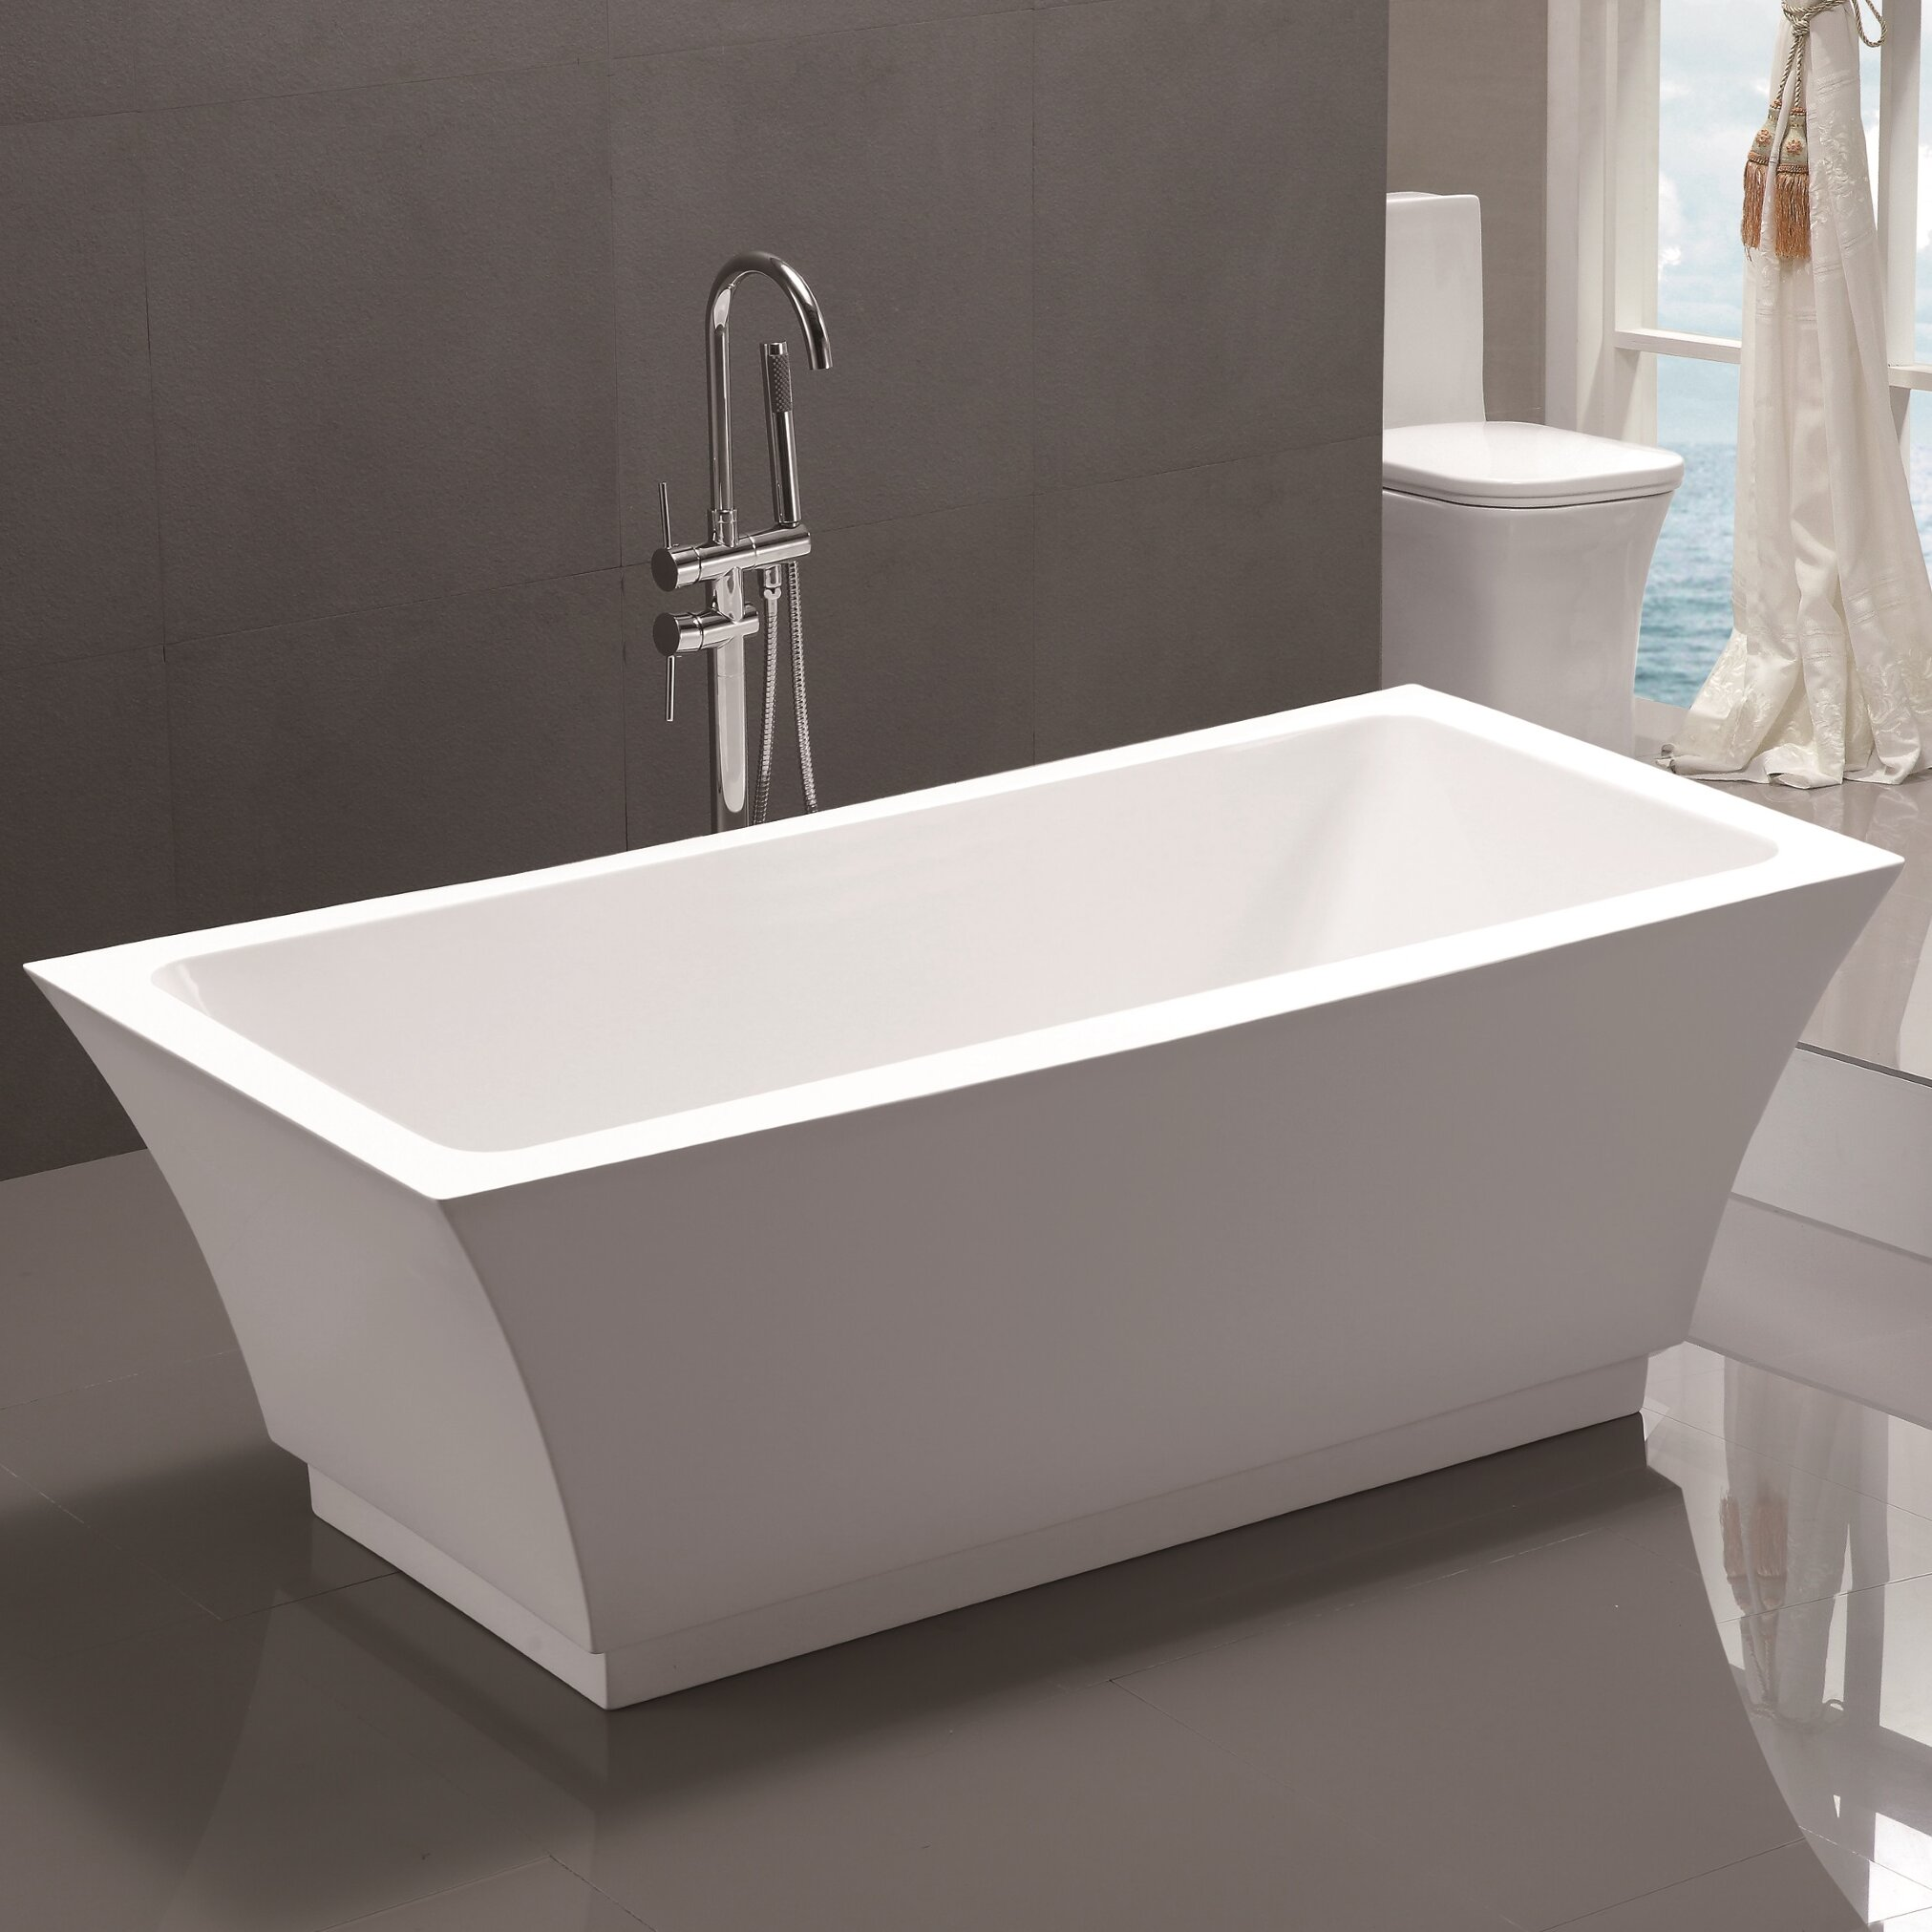 Vanity Art  X  Freestanding Soaking Bathtub  Reviews - Freestanding tub against wall